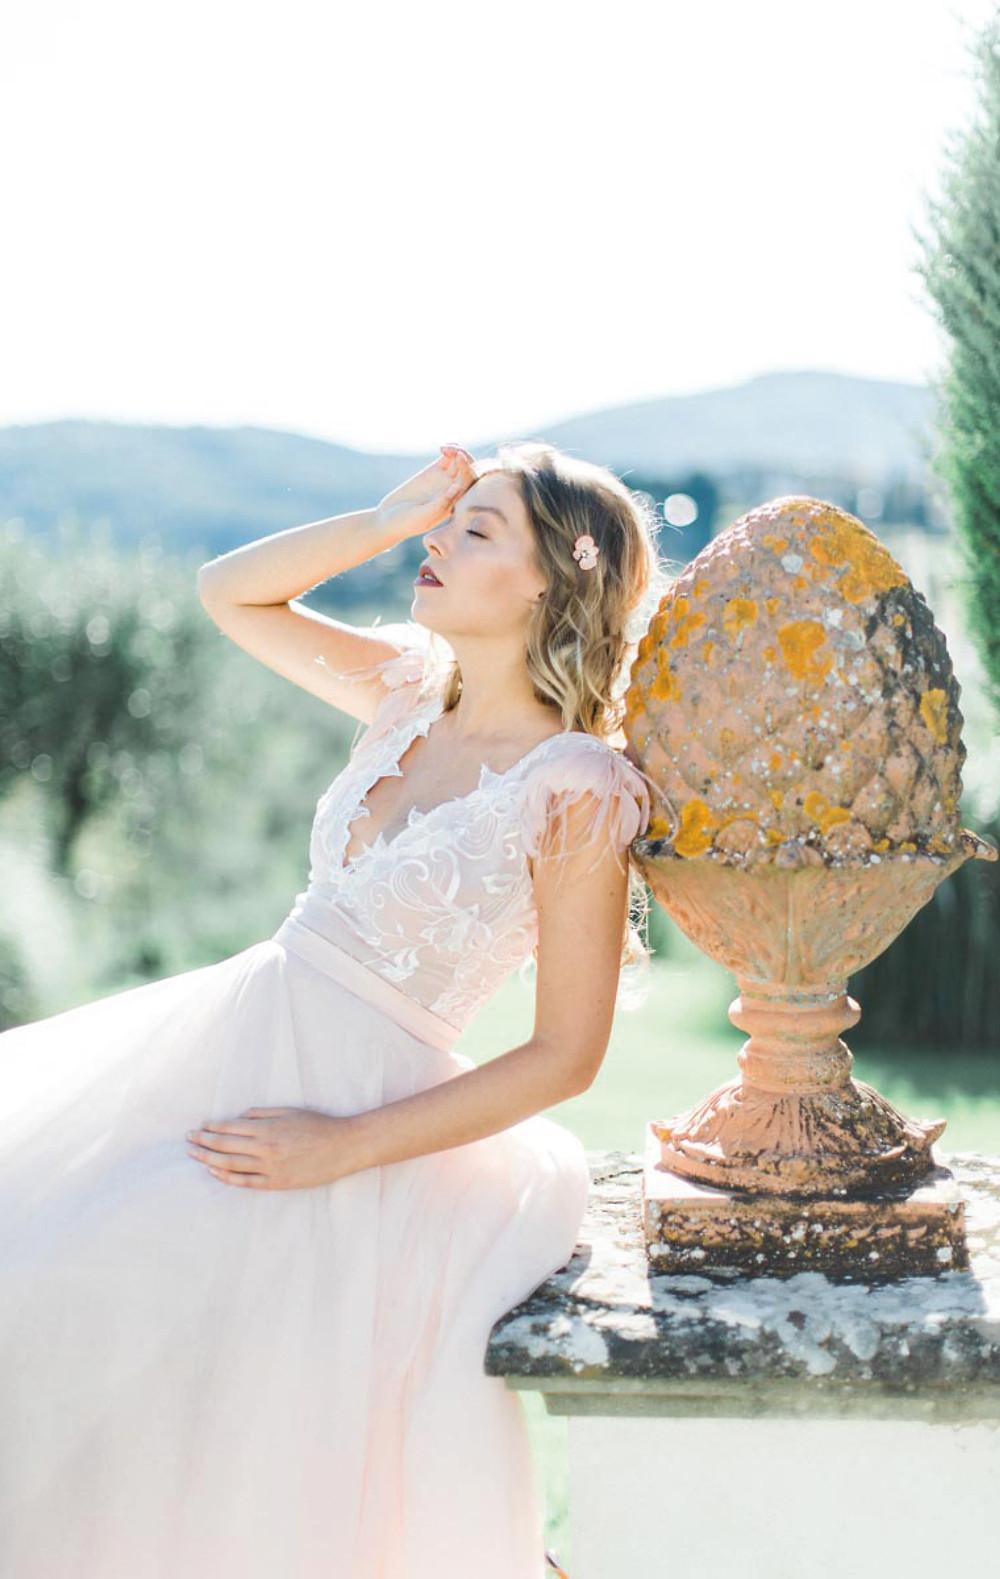 abito da sposa Firenze, fatto a mano com ricami in piume e cristalli di Swarovski